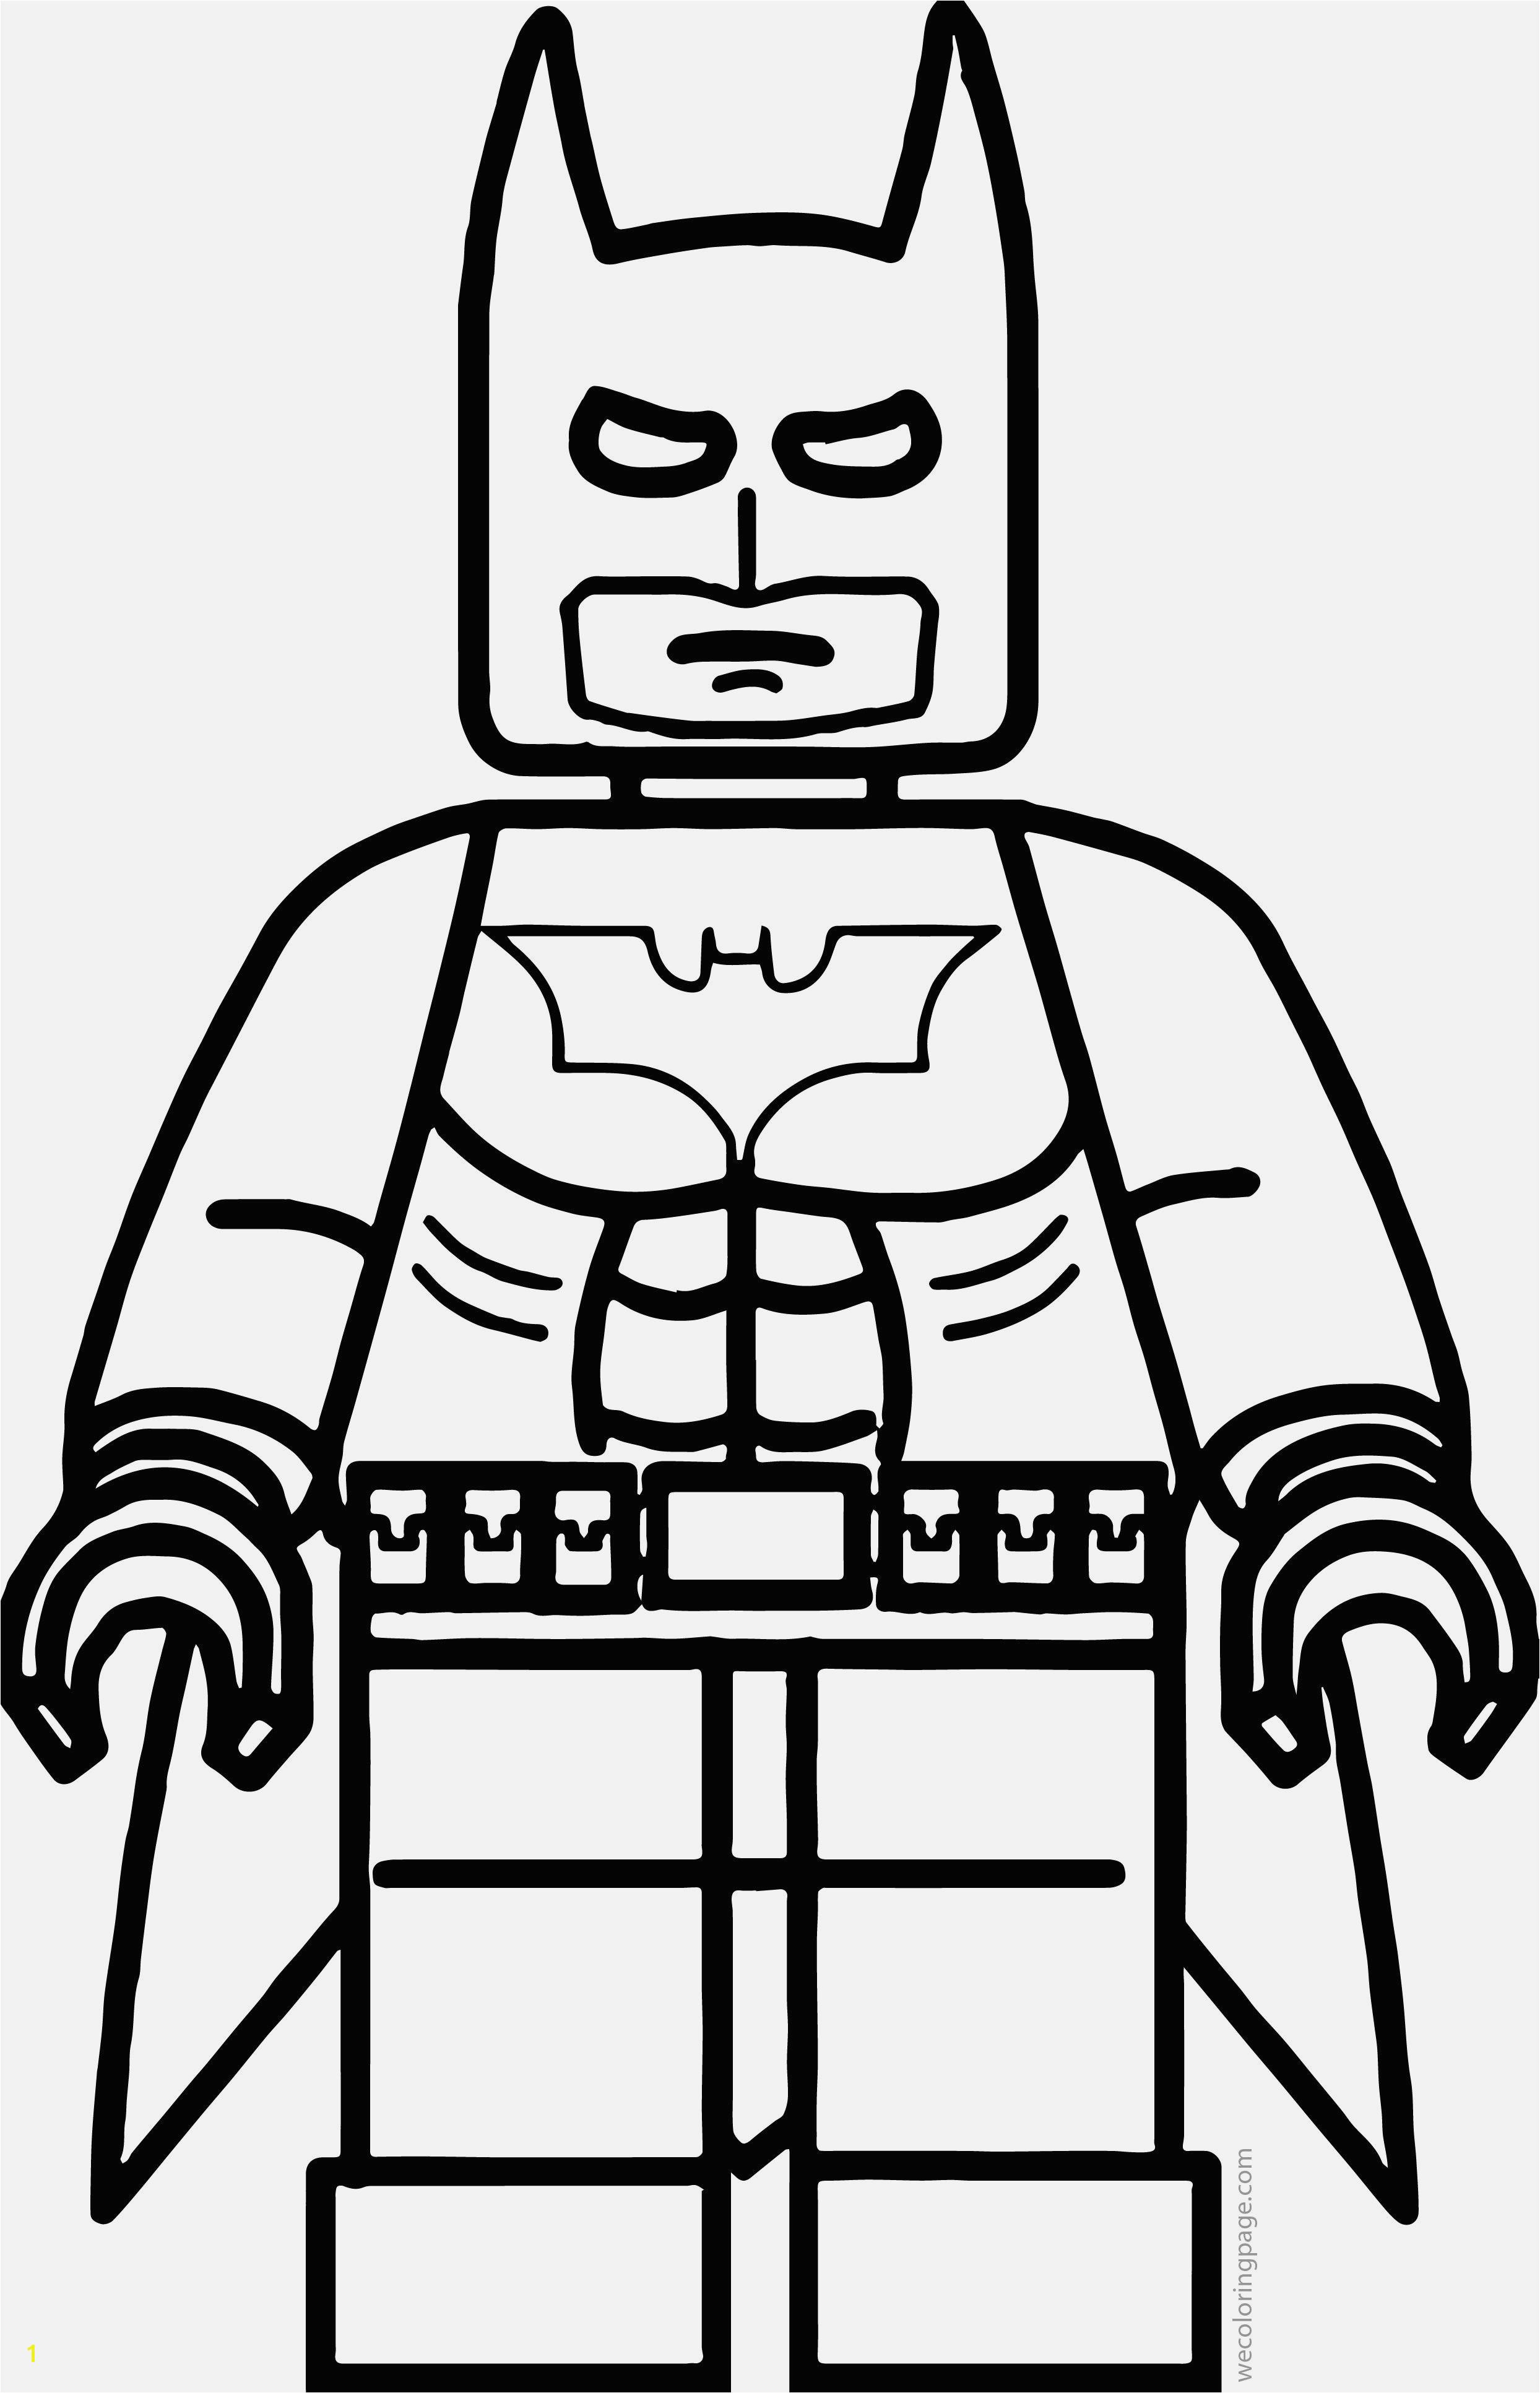 Ausmalbilder Batman Eine Sammlung Von Färbung Bilder Lego Batman Coloring Page Batan Pinterest